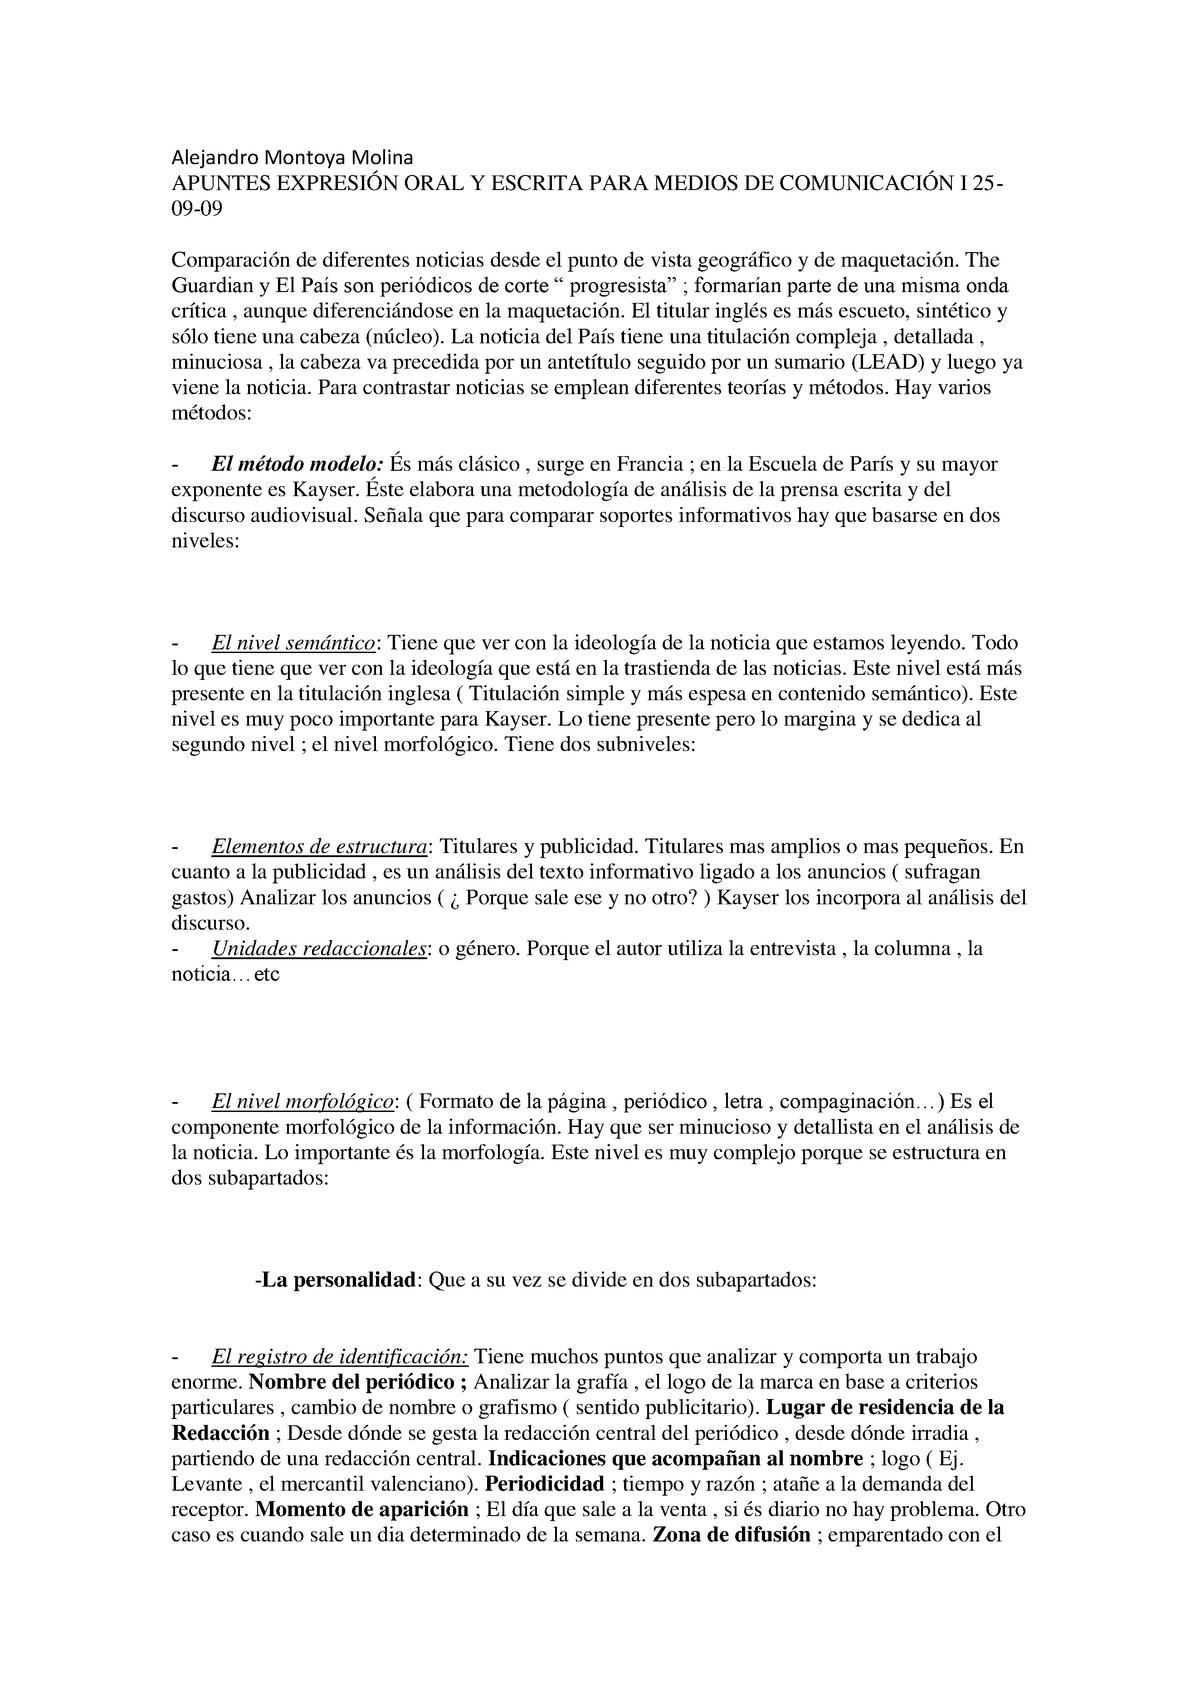 Apuntes 25 09 2009 16 11 2009 Expresión Oral Y Escrita